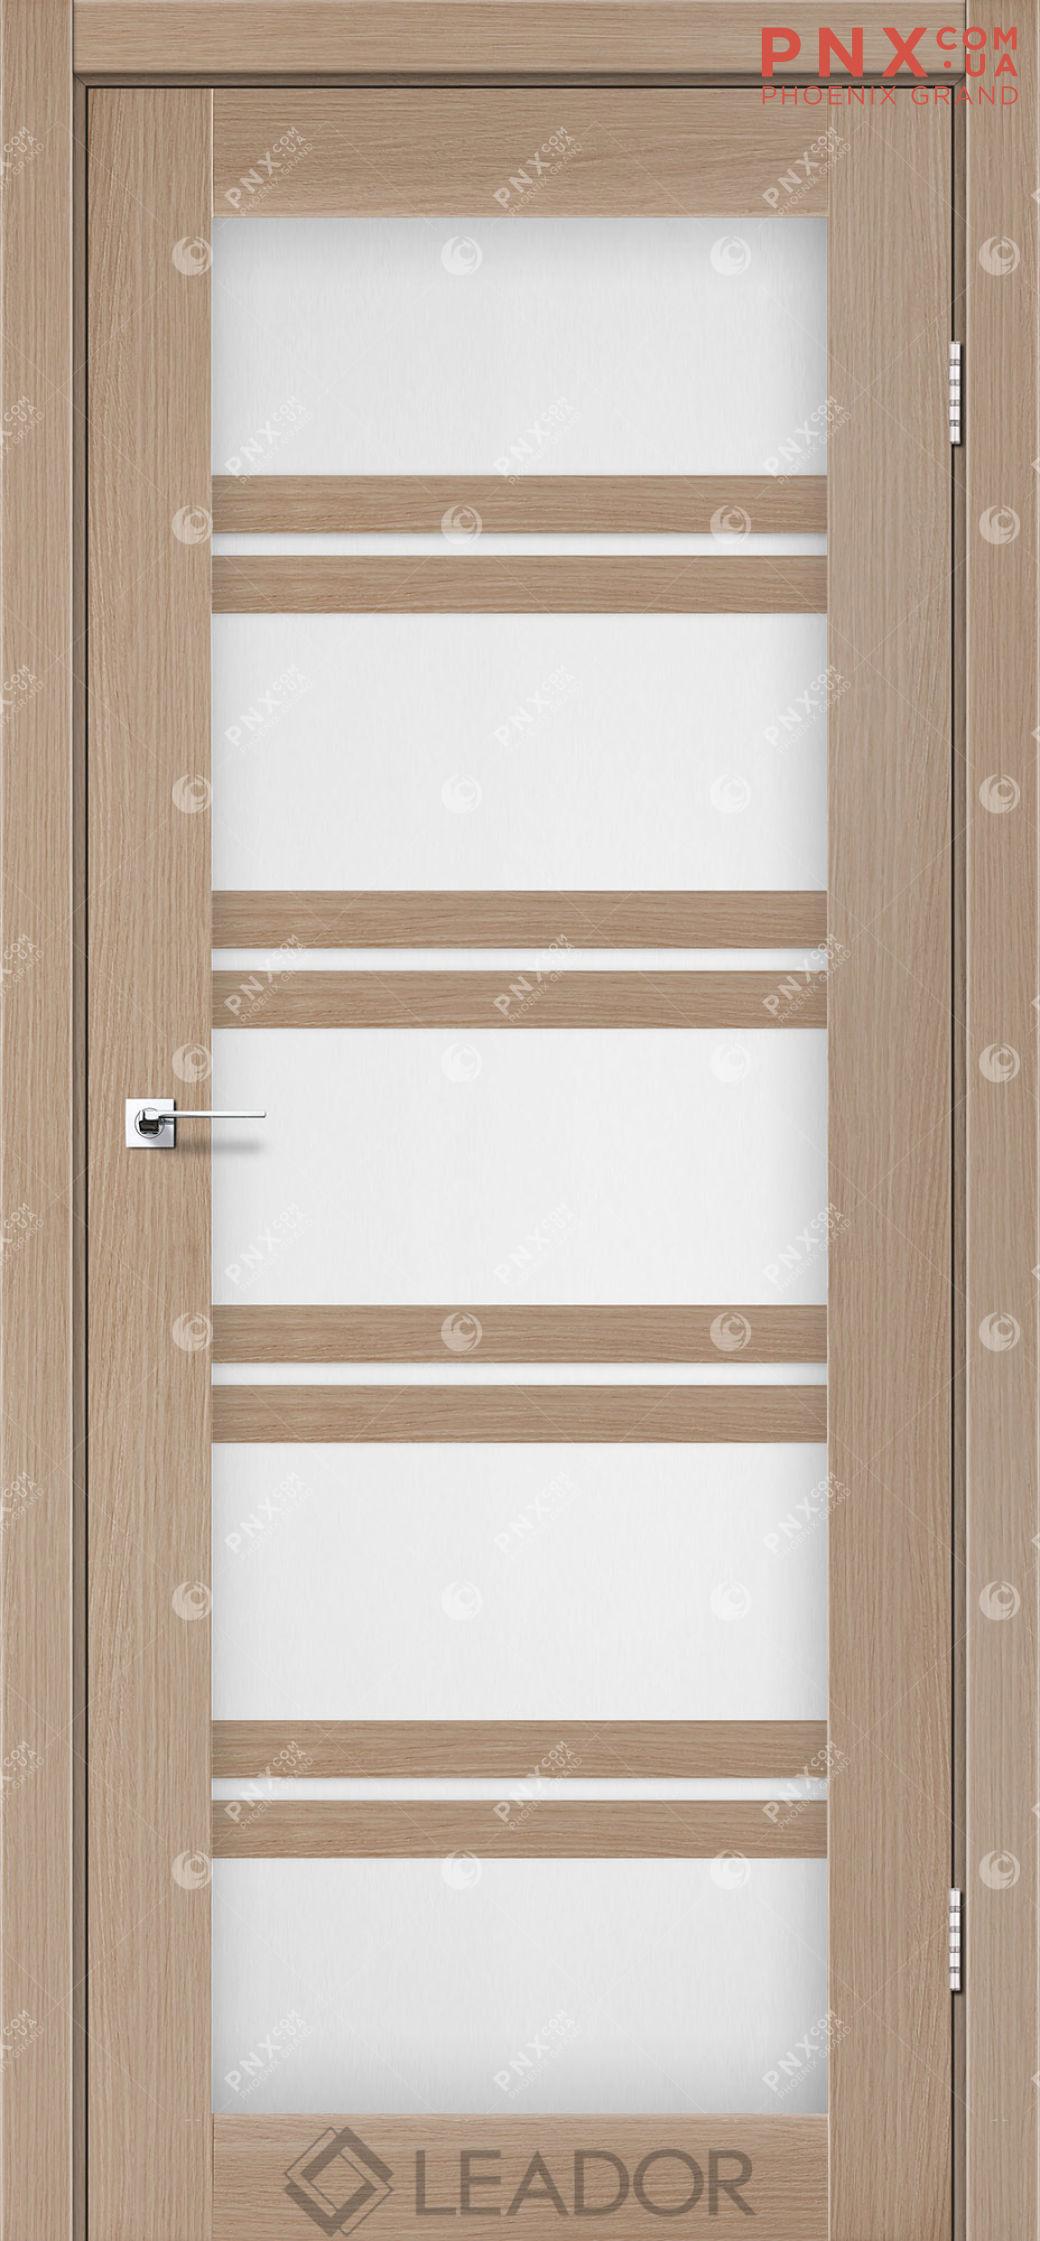 Межкомнатная дверь LEADOR Lodi, Дуб Мокко, Белое стекло сатин